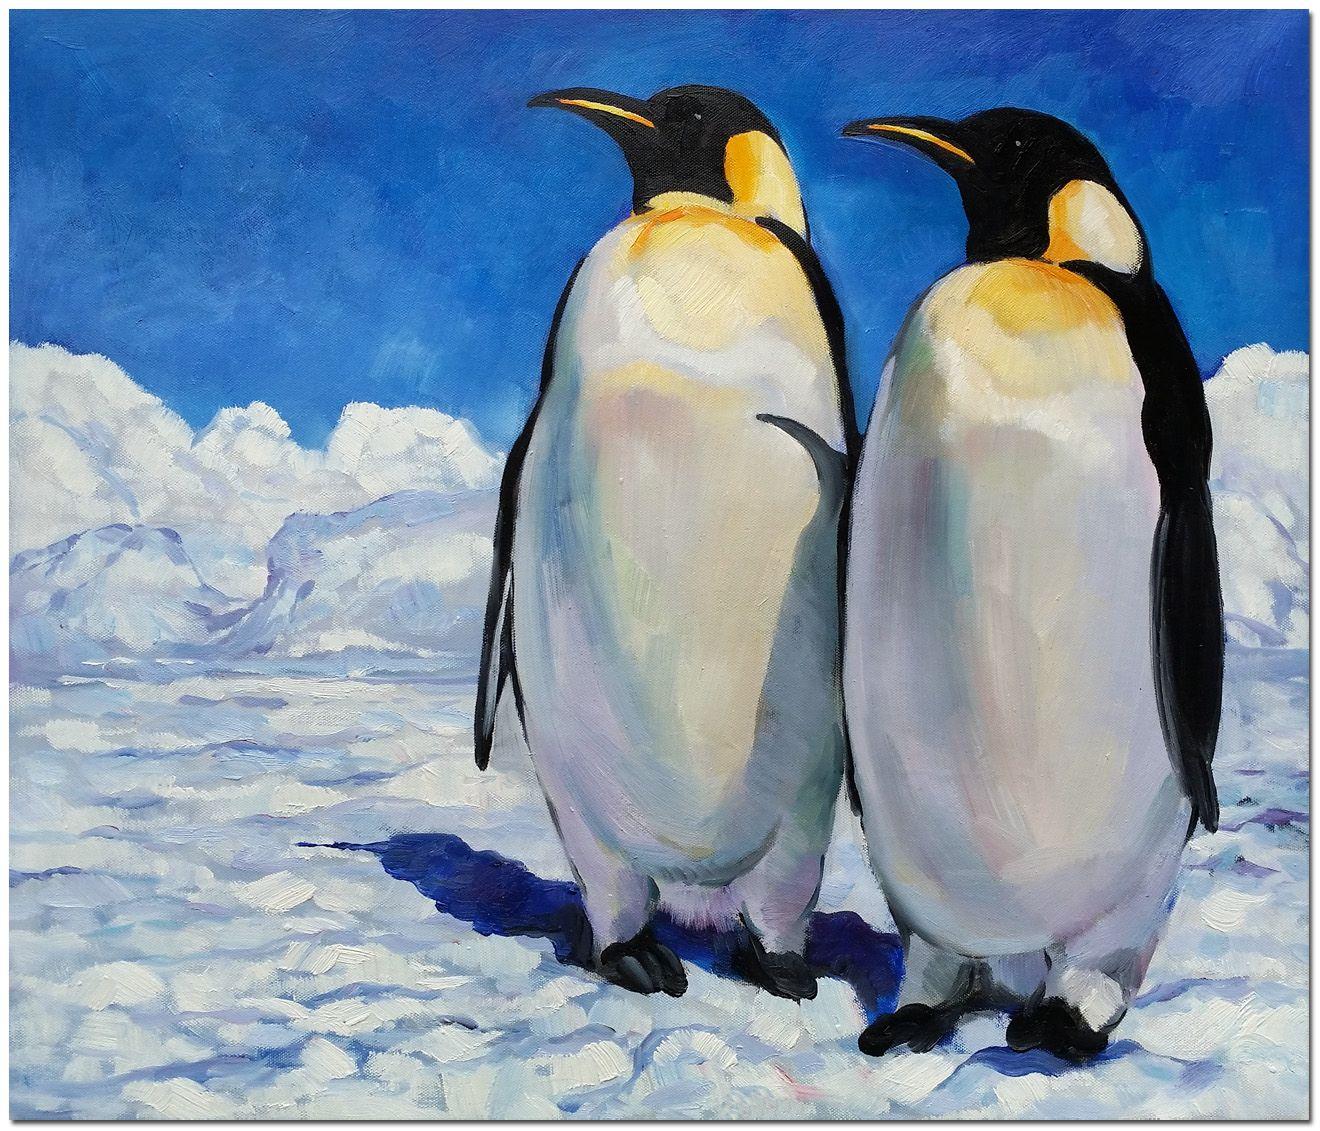 наши пингвины на картинах художников новом отличаются продуманной